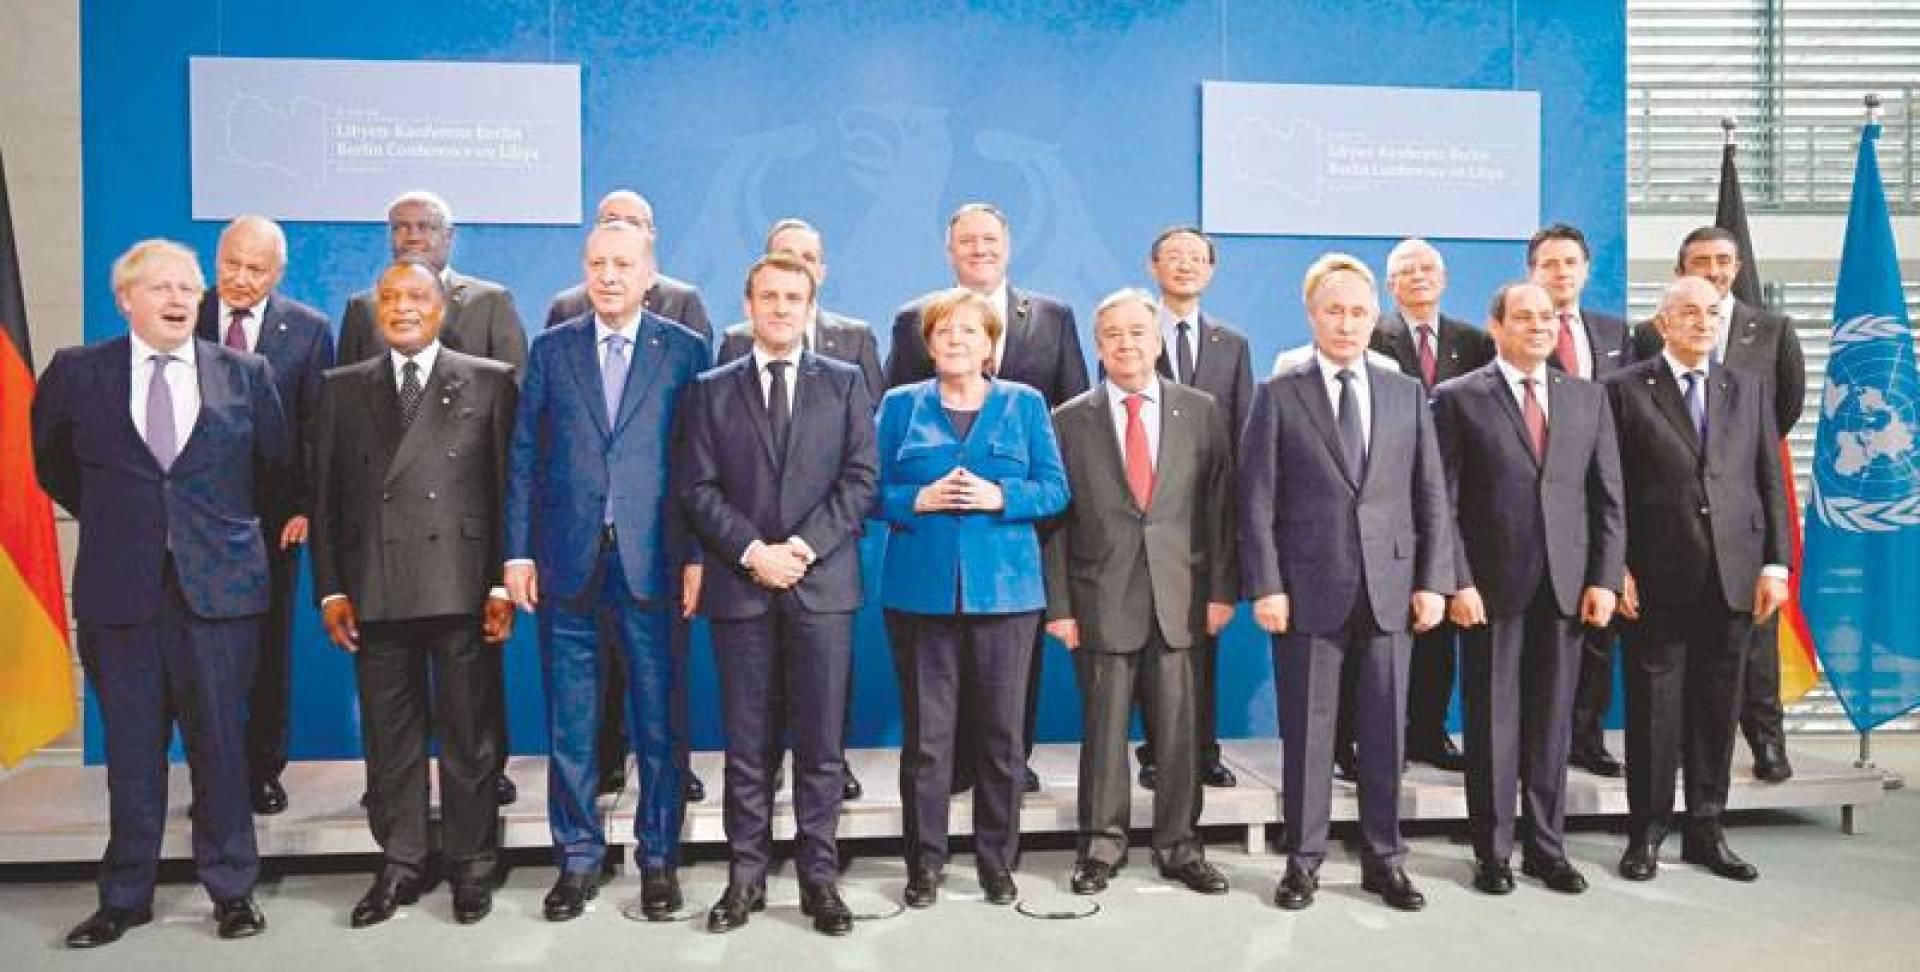 صورة جماعية للمشاركين في مؤتمر برلين امس  | ا ف ب